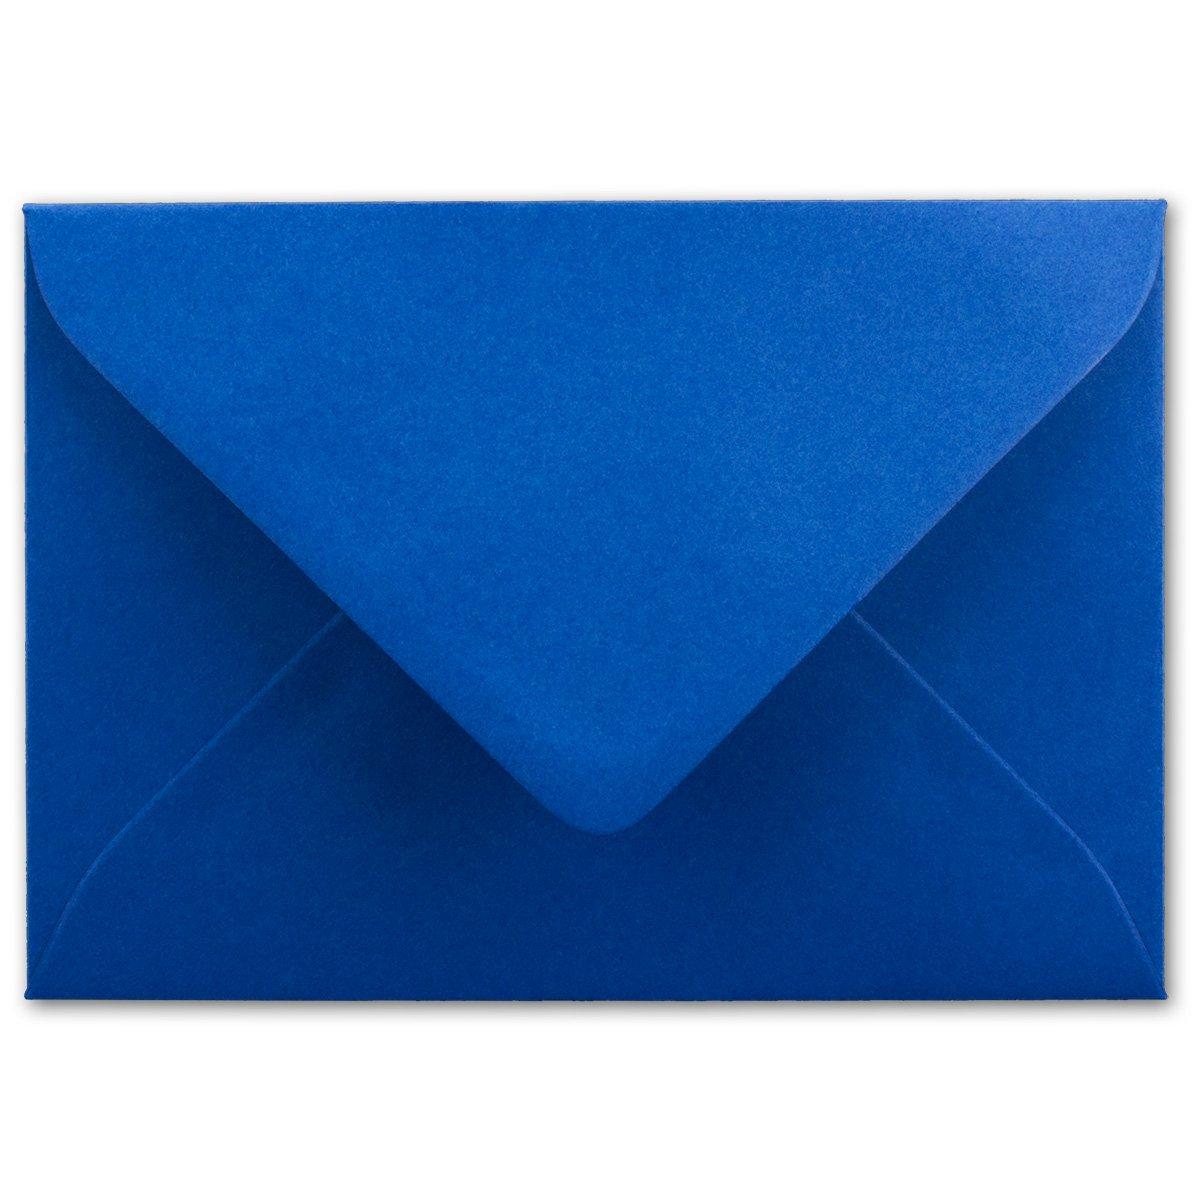 Brief-Umschläge in Nachtblau   150 150 150 Stück   DIN C5 KuGrüns 220 x 154 mm - Nassklebung ohne Fenster - Weihnachten, Grußkarten   Serie FarbenFroh® B07BPX7BJW | Eleganter Stil  121649